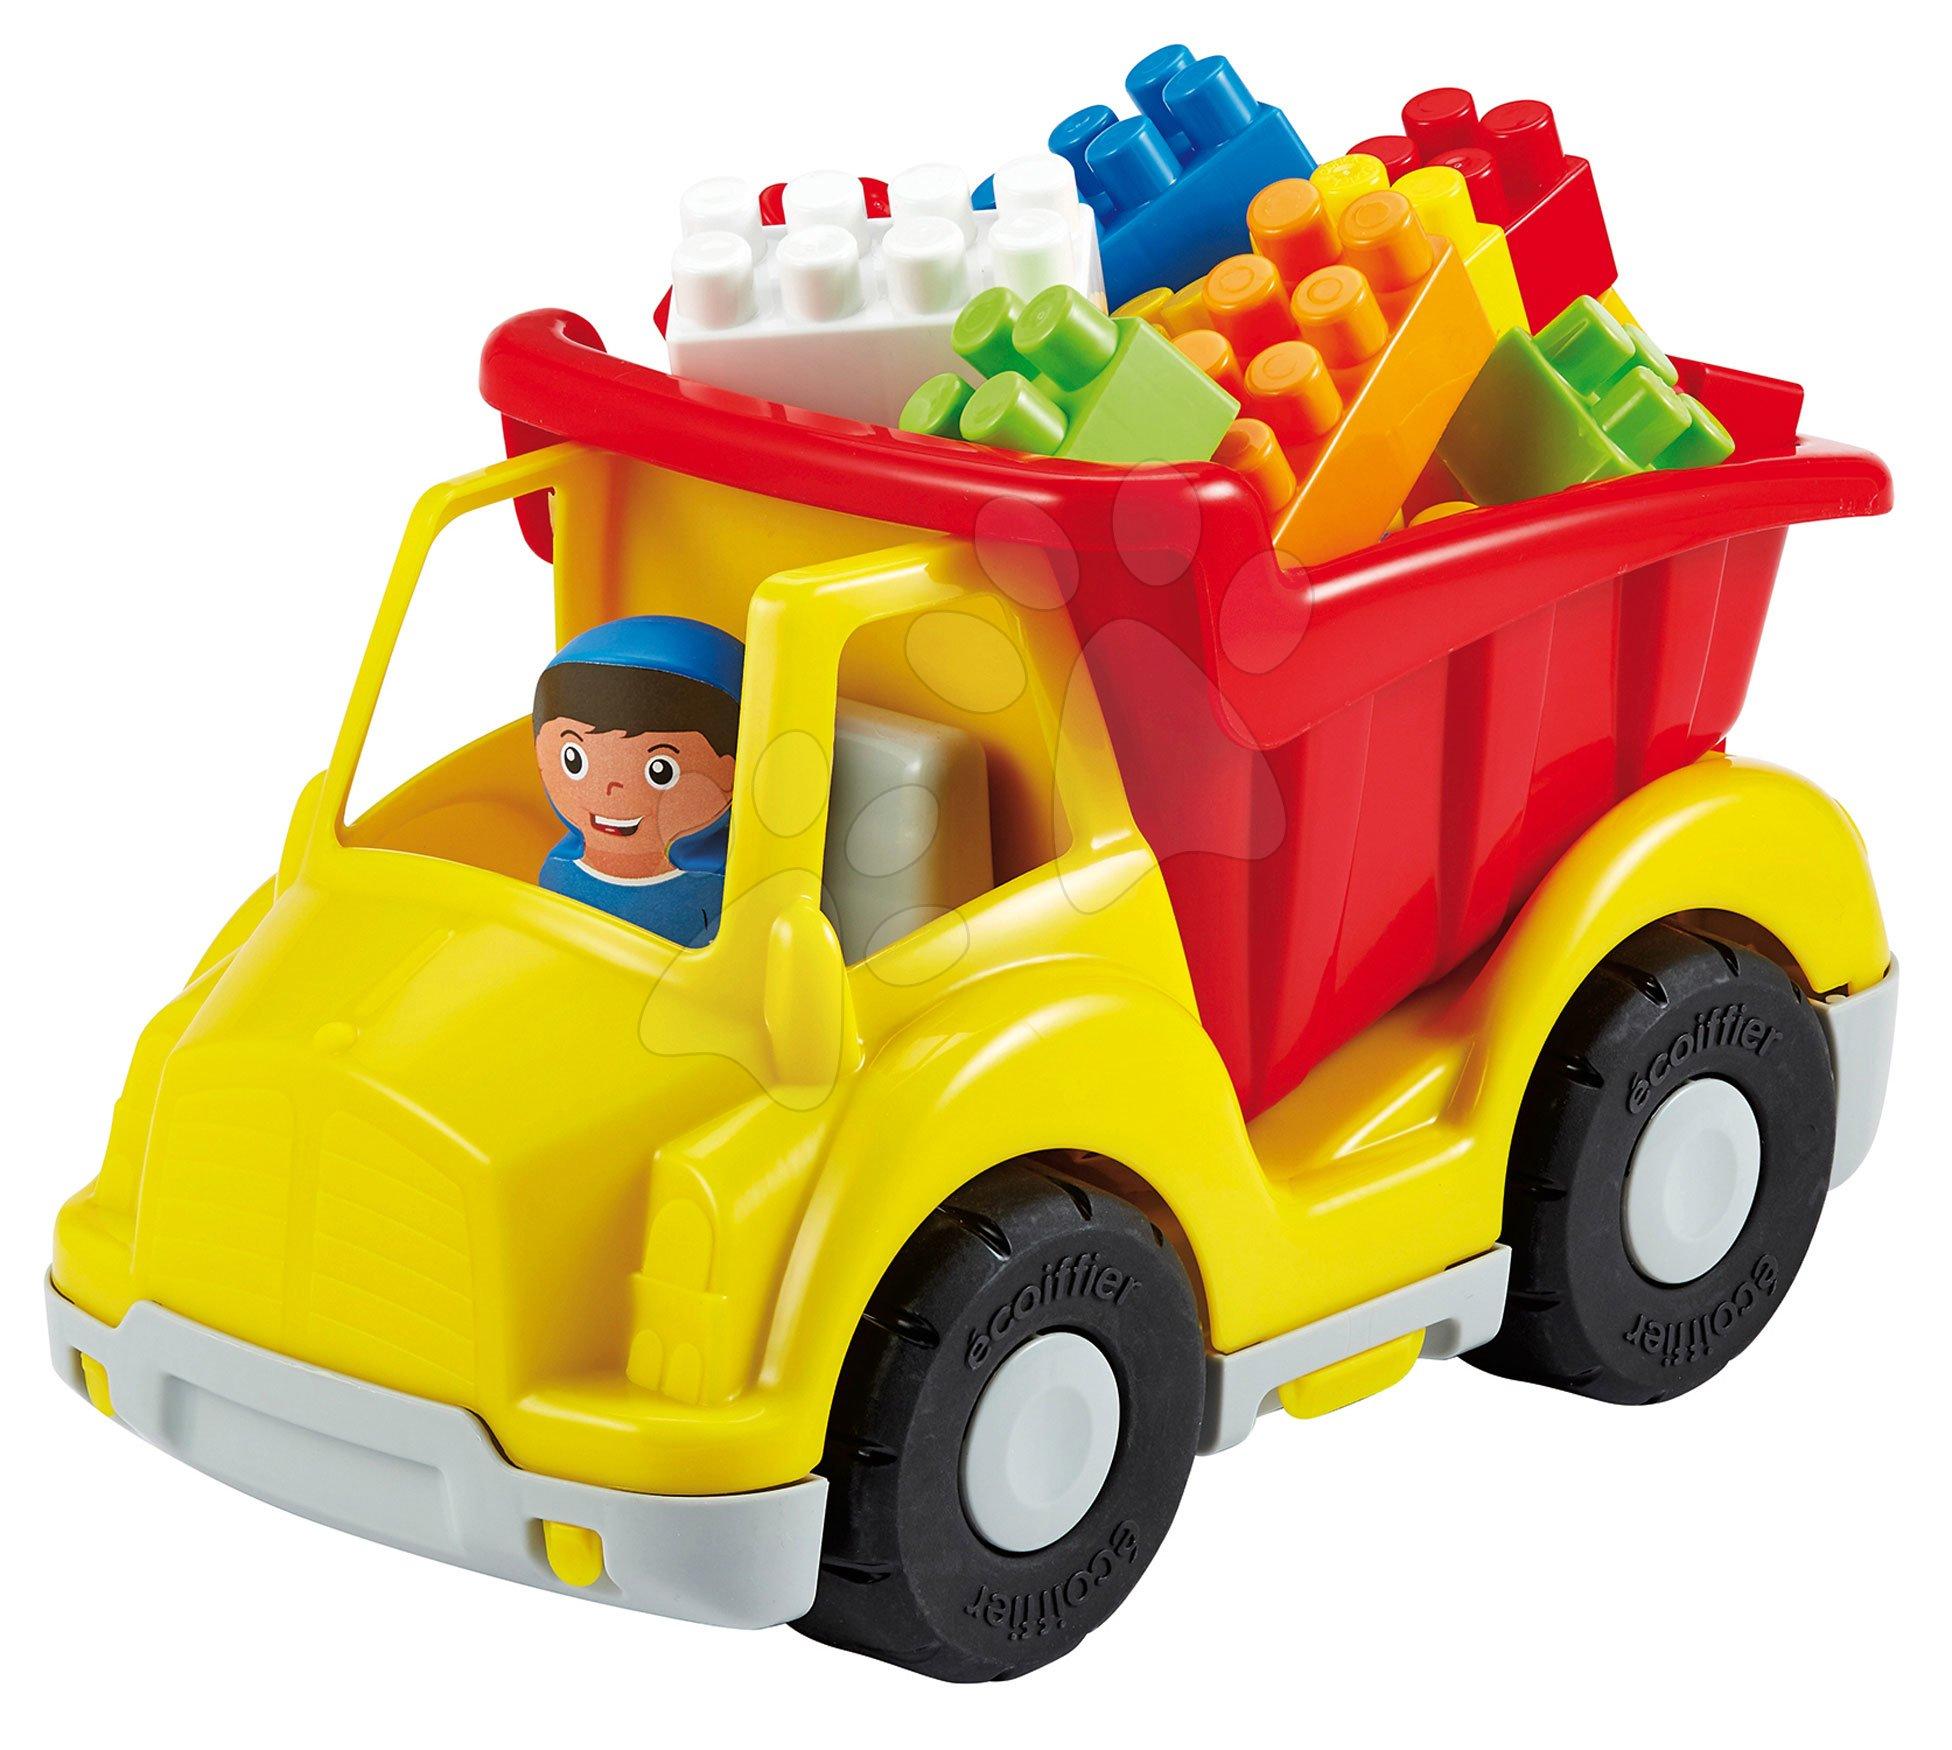 Stavebnice Abrick - Stavebnice Abrick - vyklápěč s kostkami Écoiffier modro-červeno-žlutý s řidičem od 18 měsíců